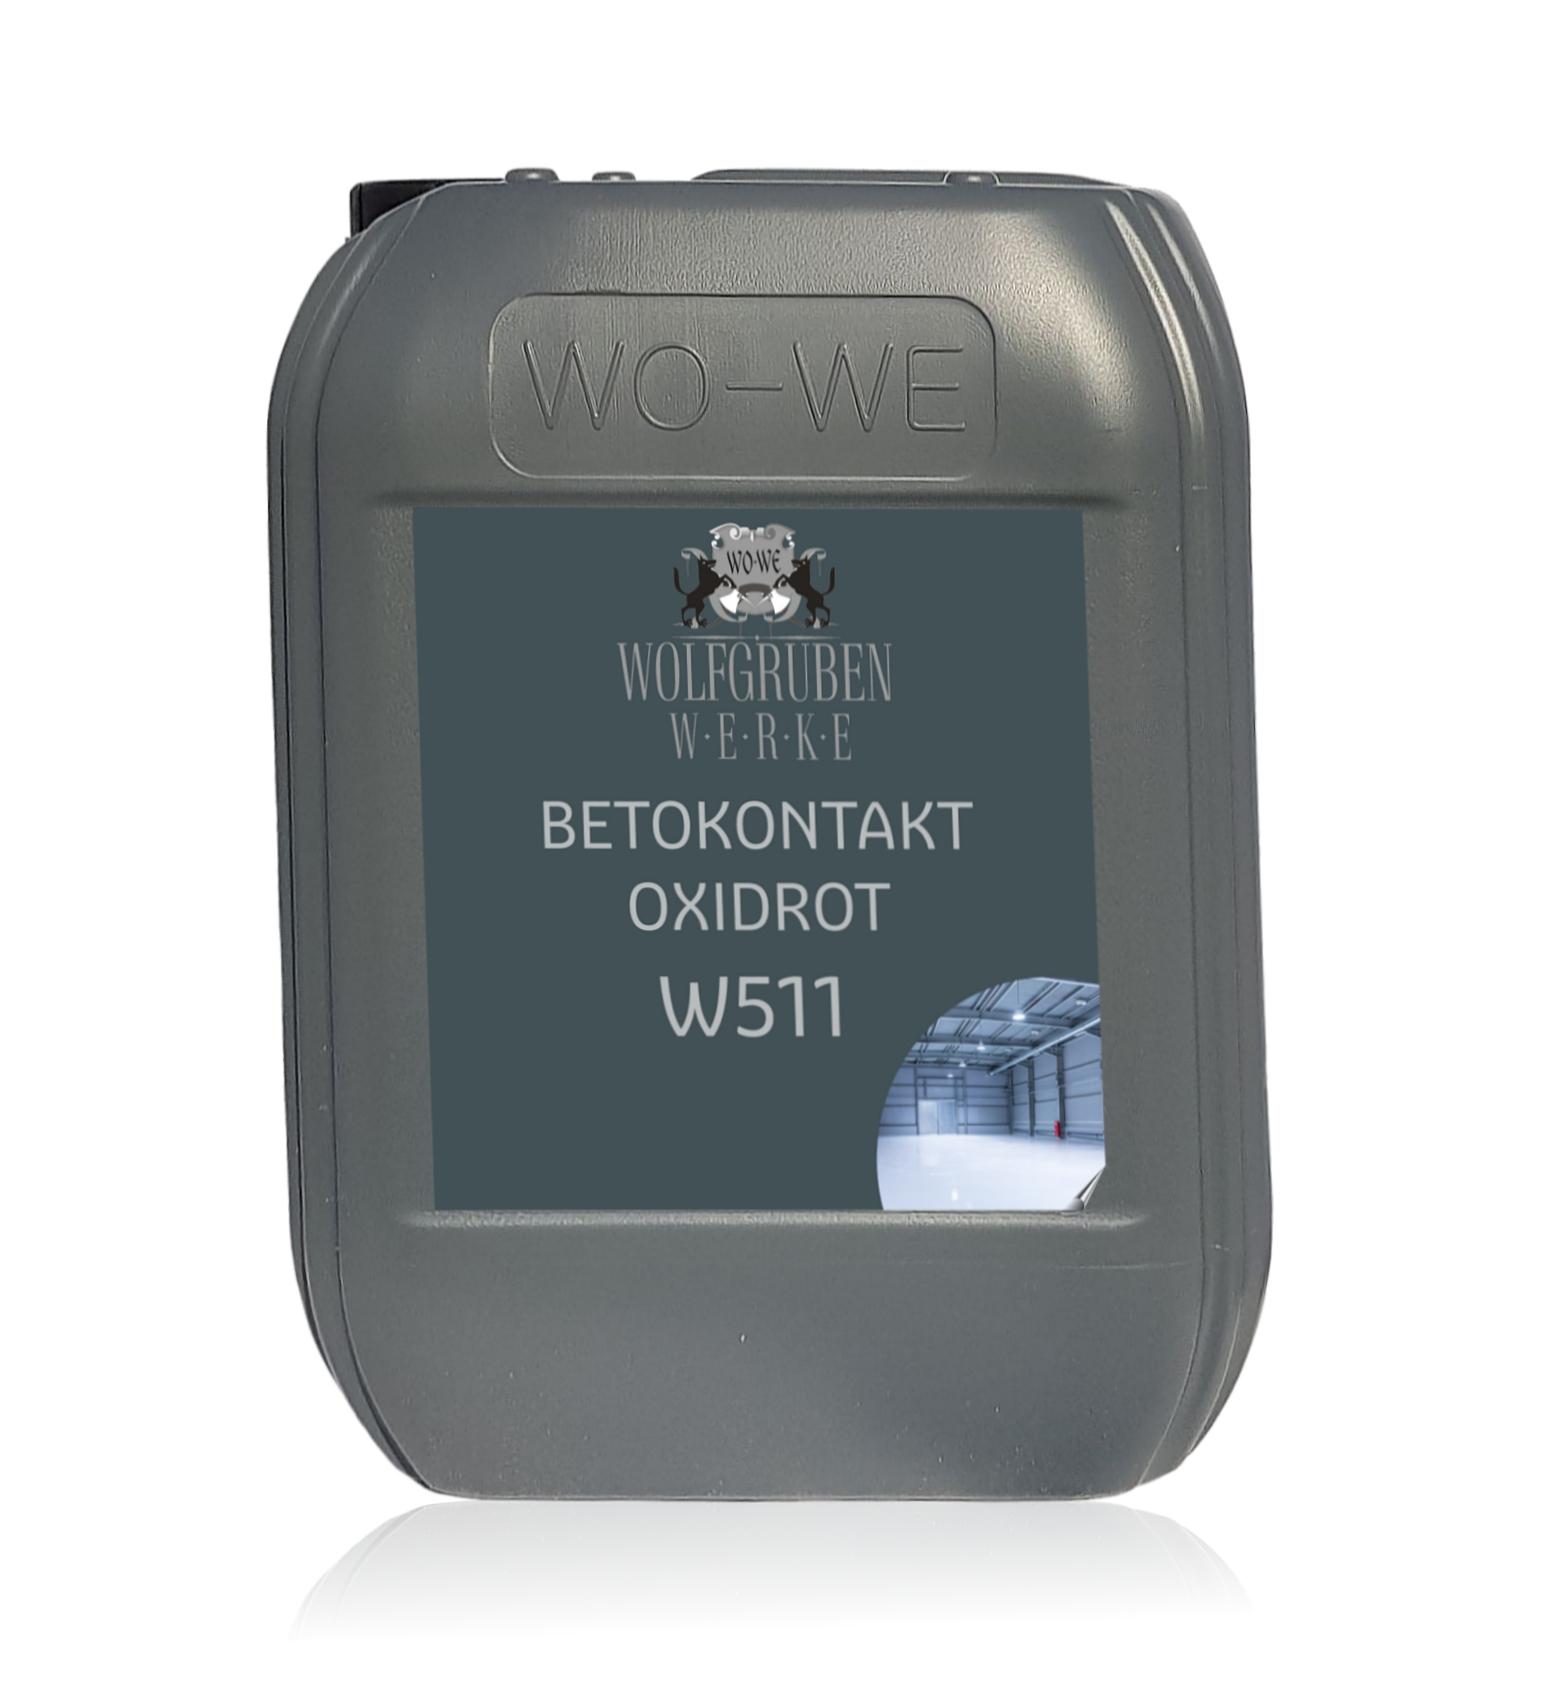 W511.jpg?dl=0